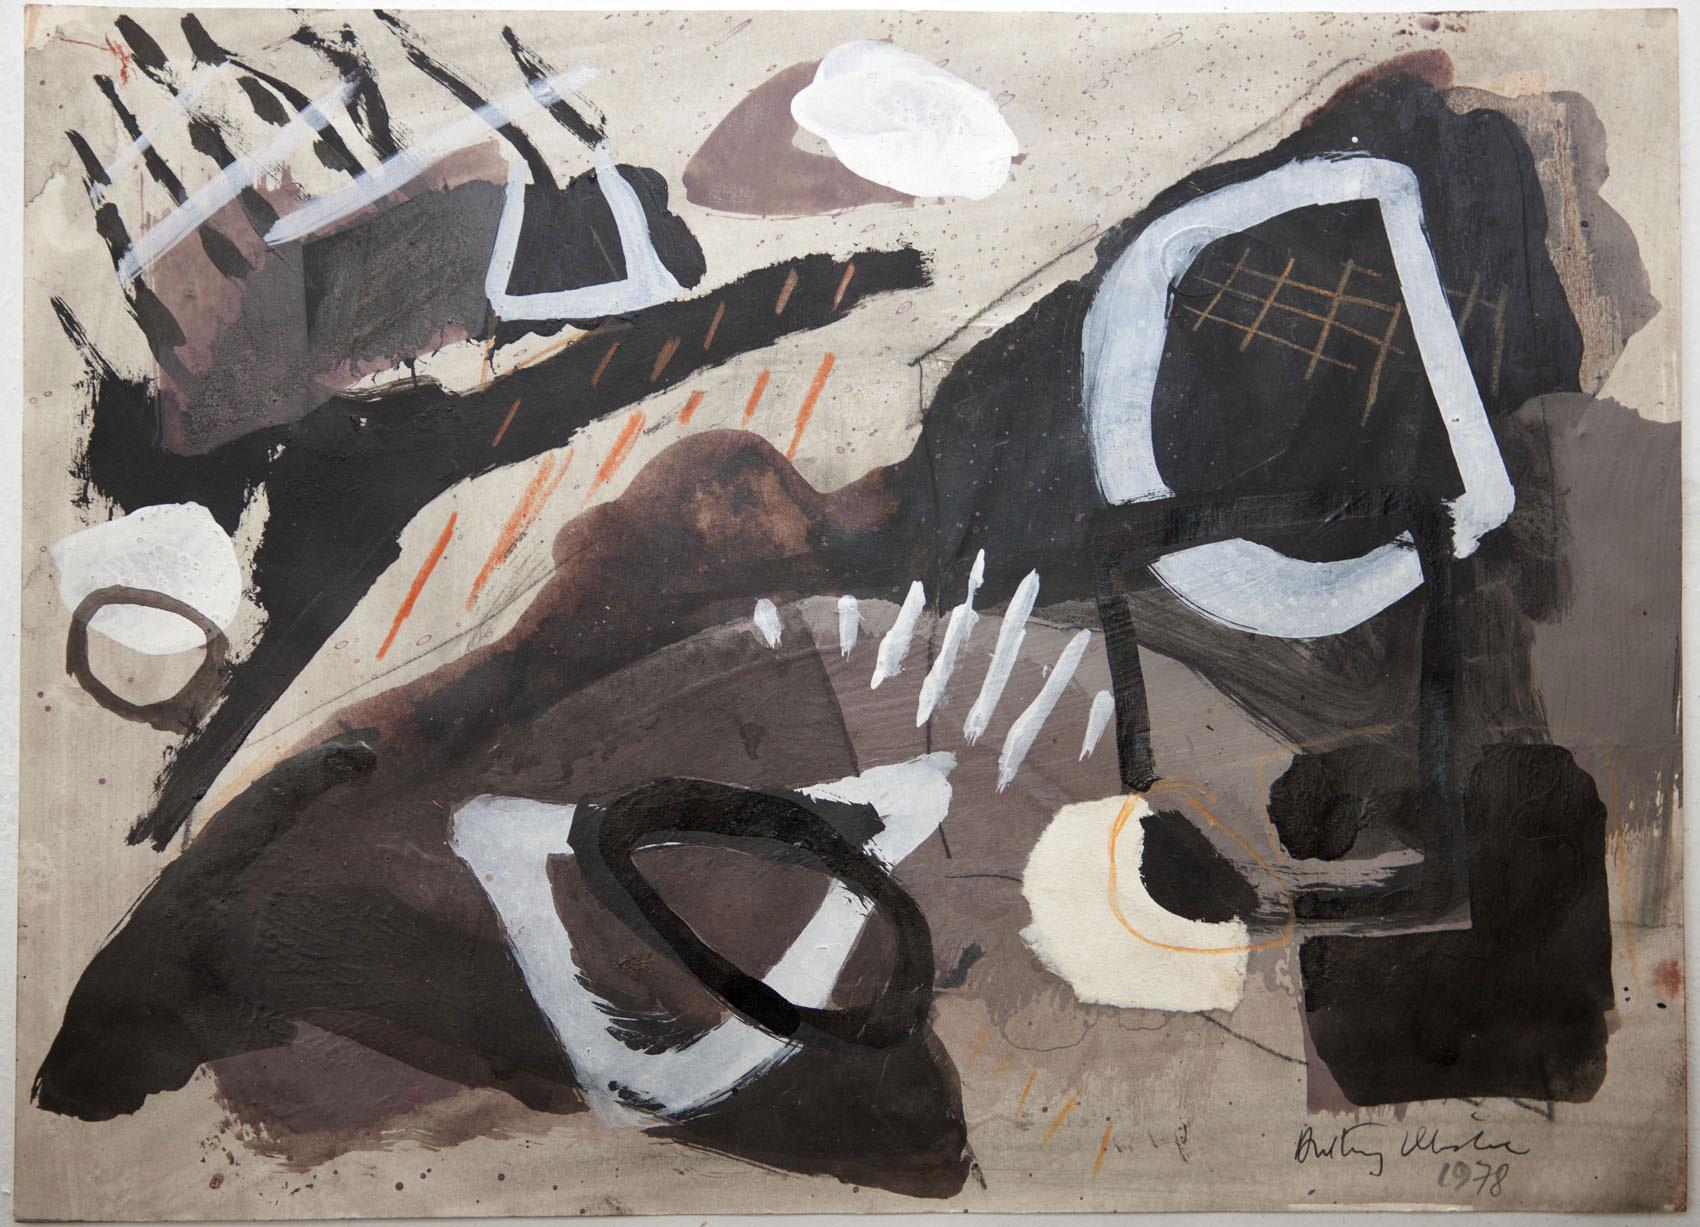 11-Anthony-Whishaw-Landscape-Doodle.jpg